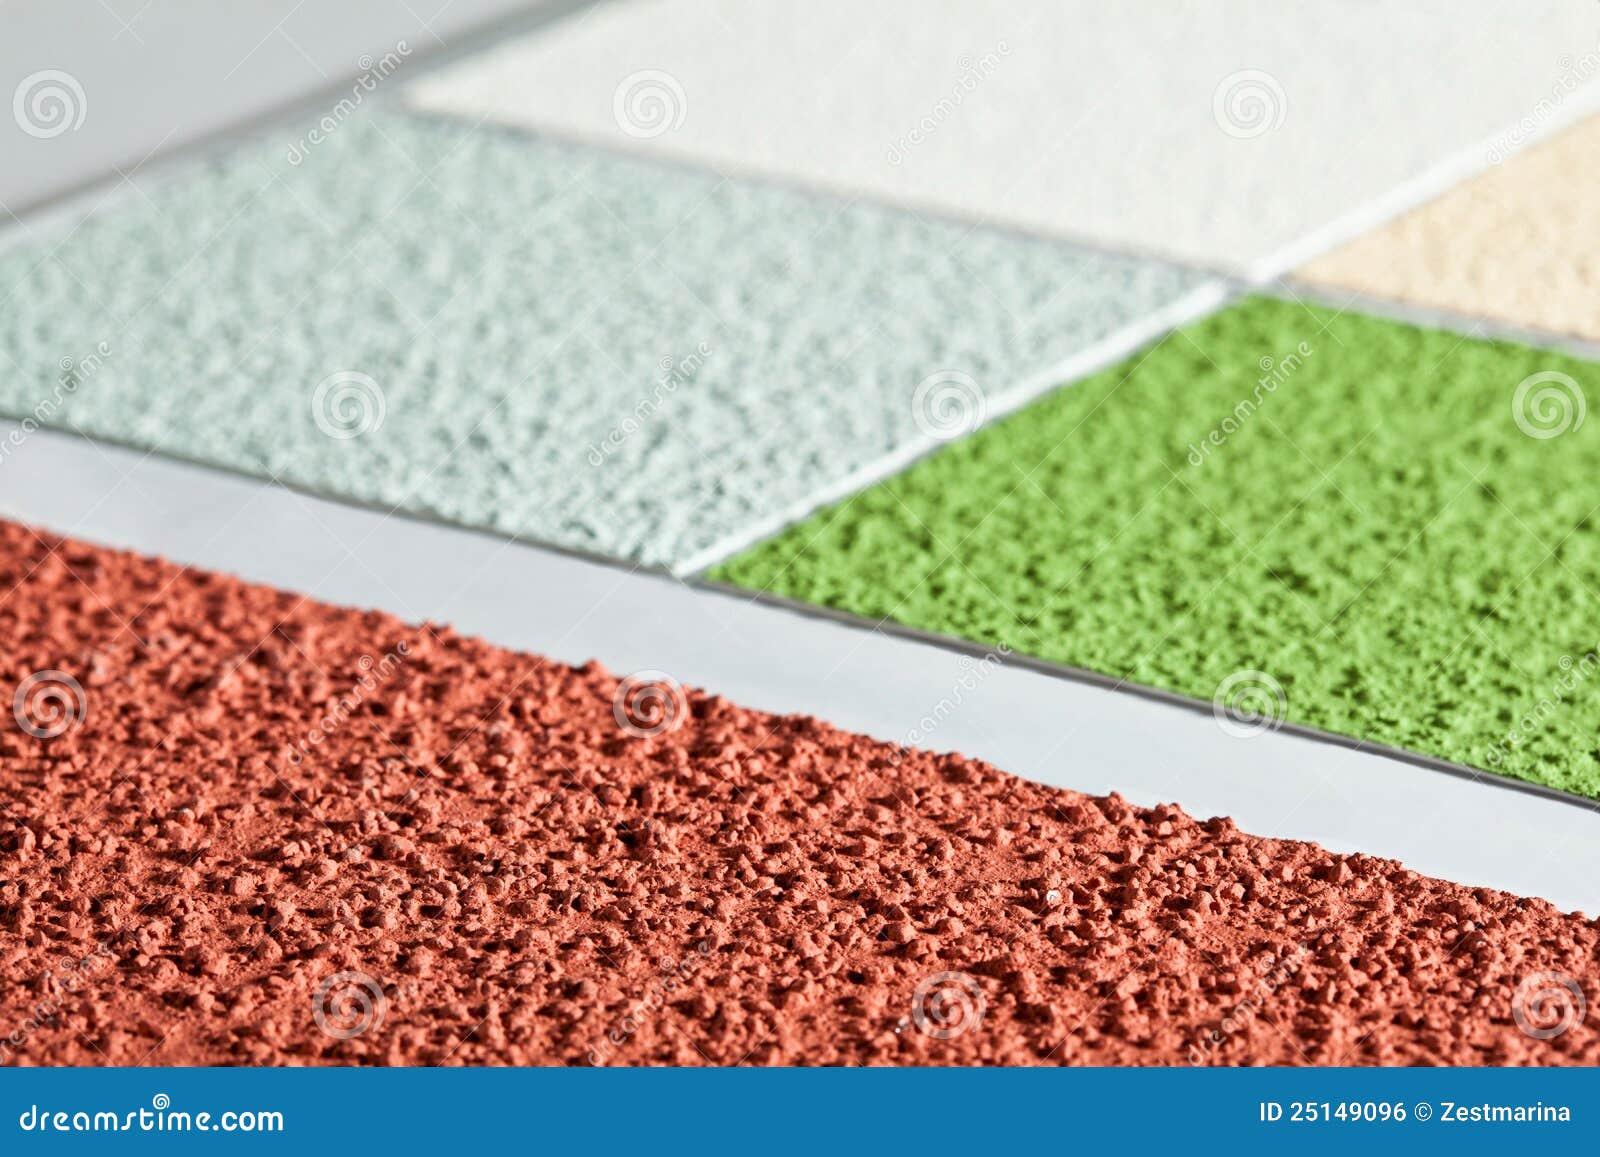 dekoratives pflaster - muster stockfoto - bild von oberfläche, grün